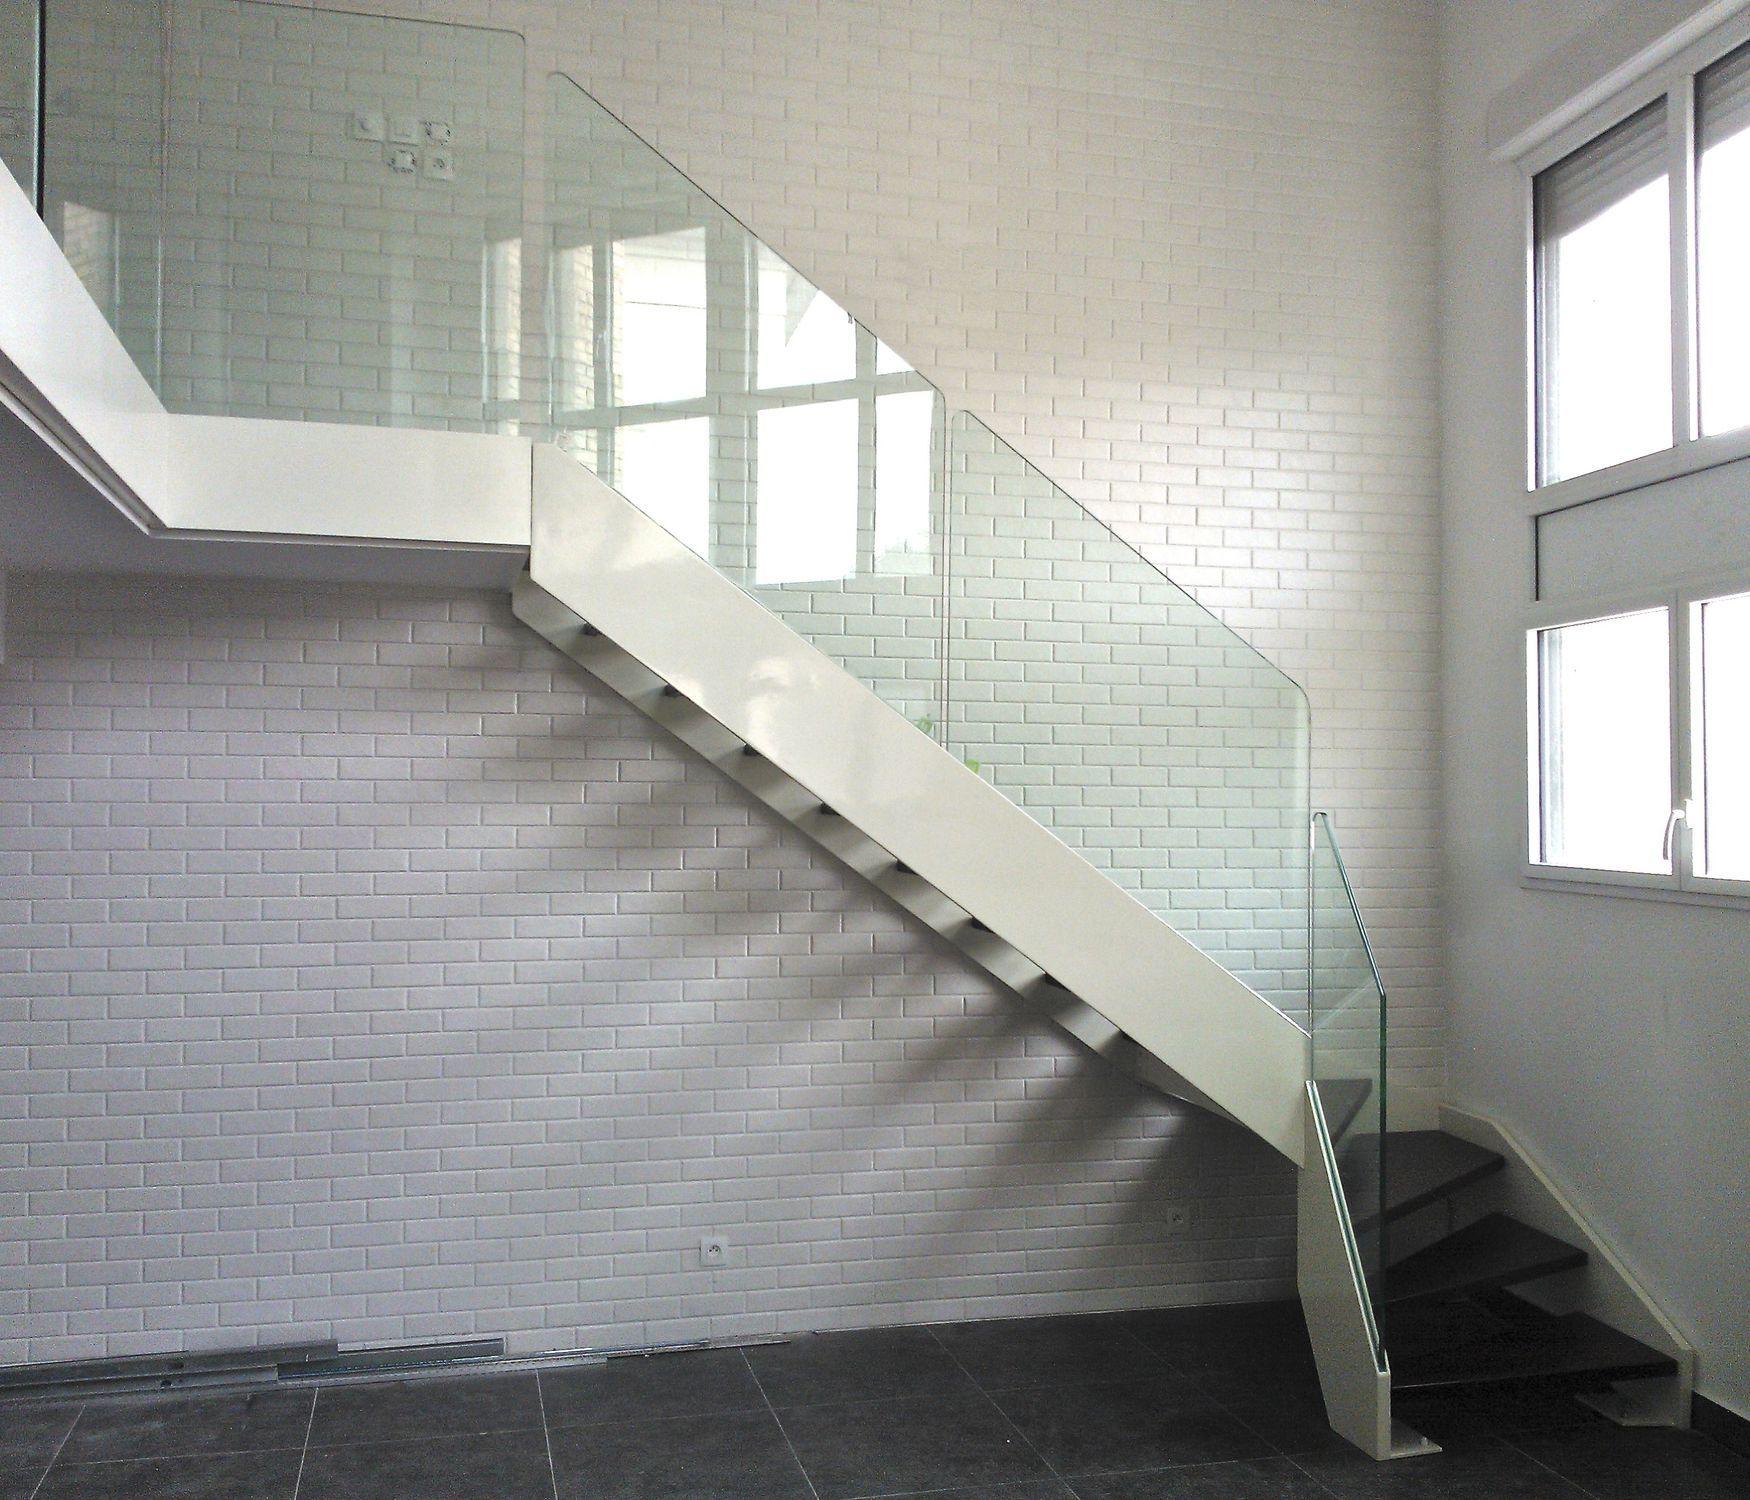 Escalier Droit Sans Rampe intérieur escalier quart tournant / marche en bois / structure en acier / sans